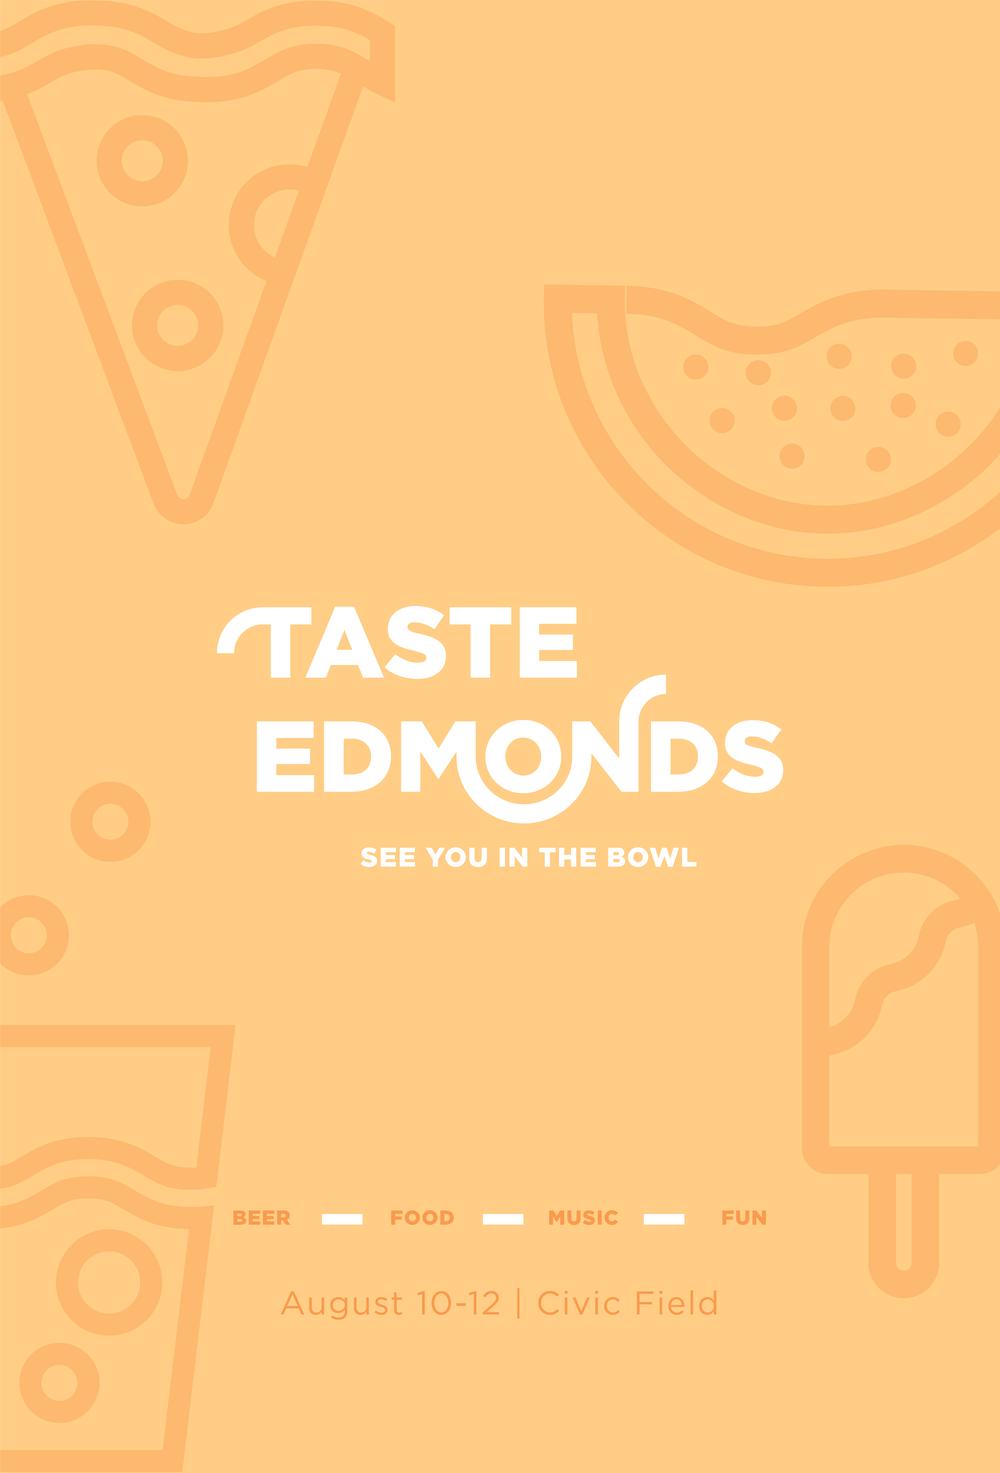 tasteEdmonds_AJH_2-28.png